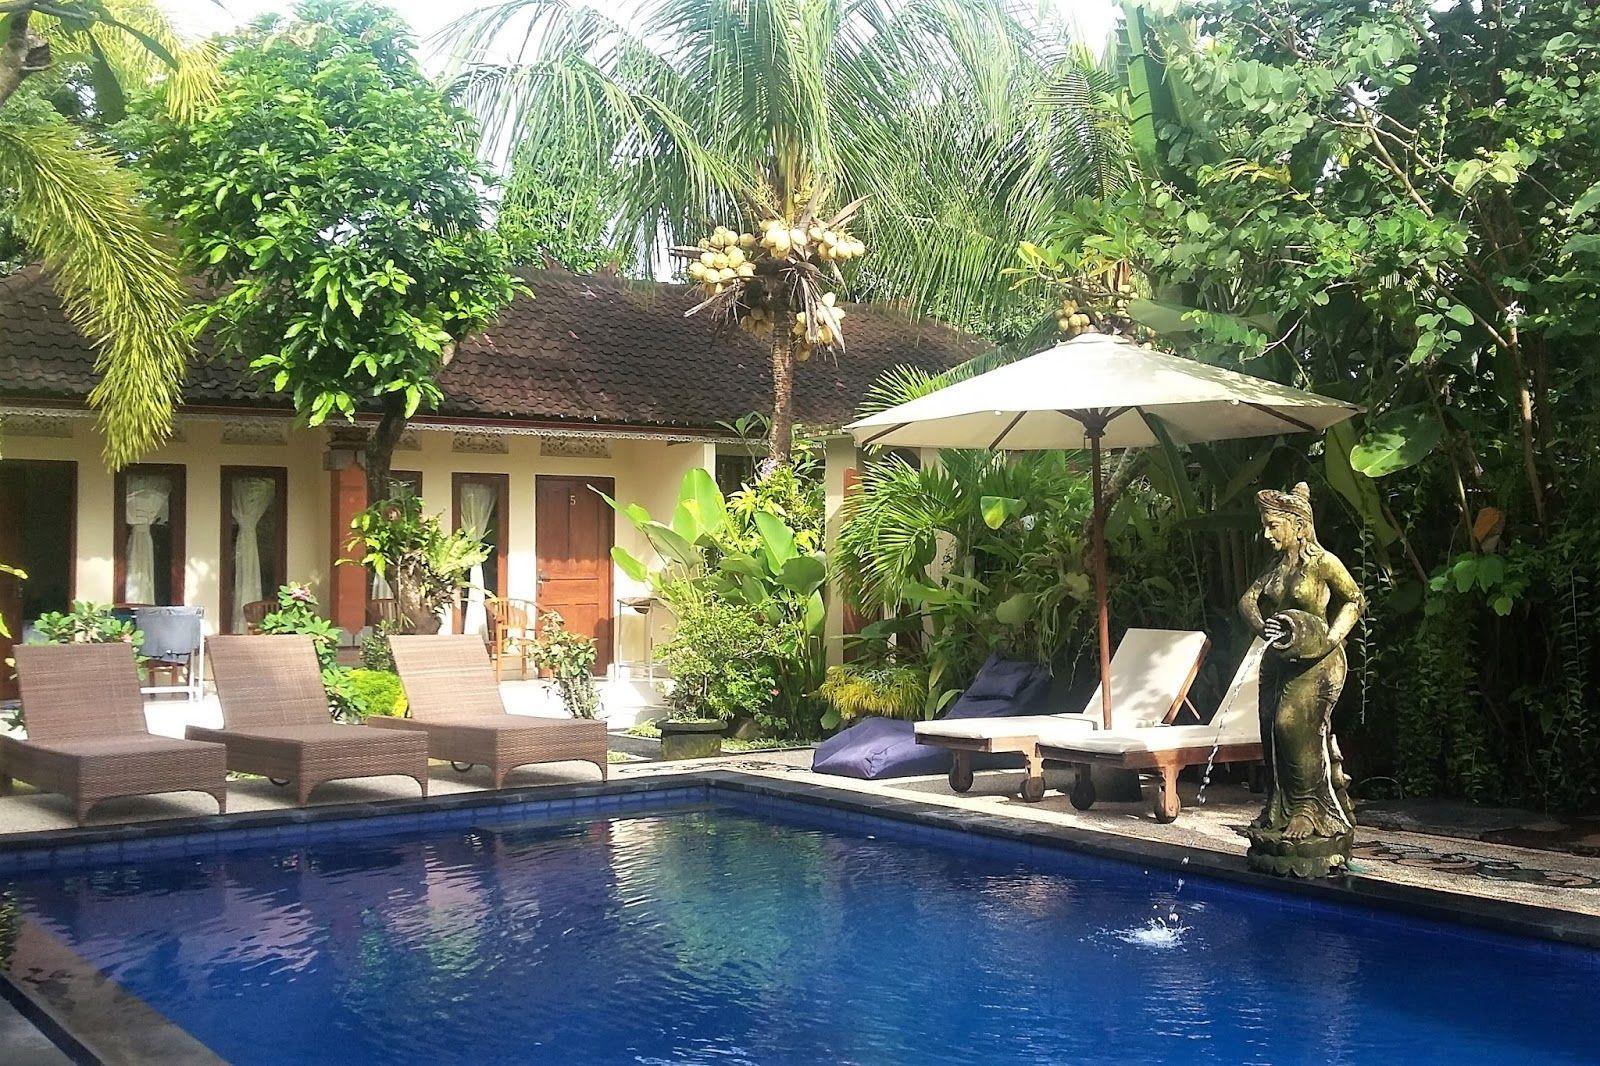 Індонезія, Балі, для блогів_13